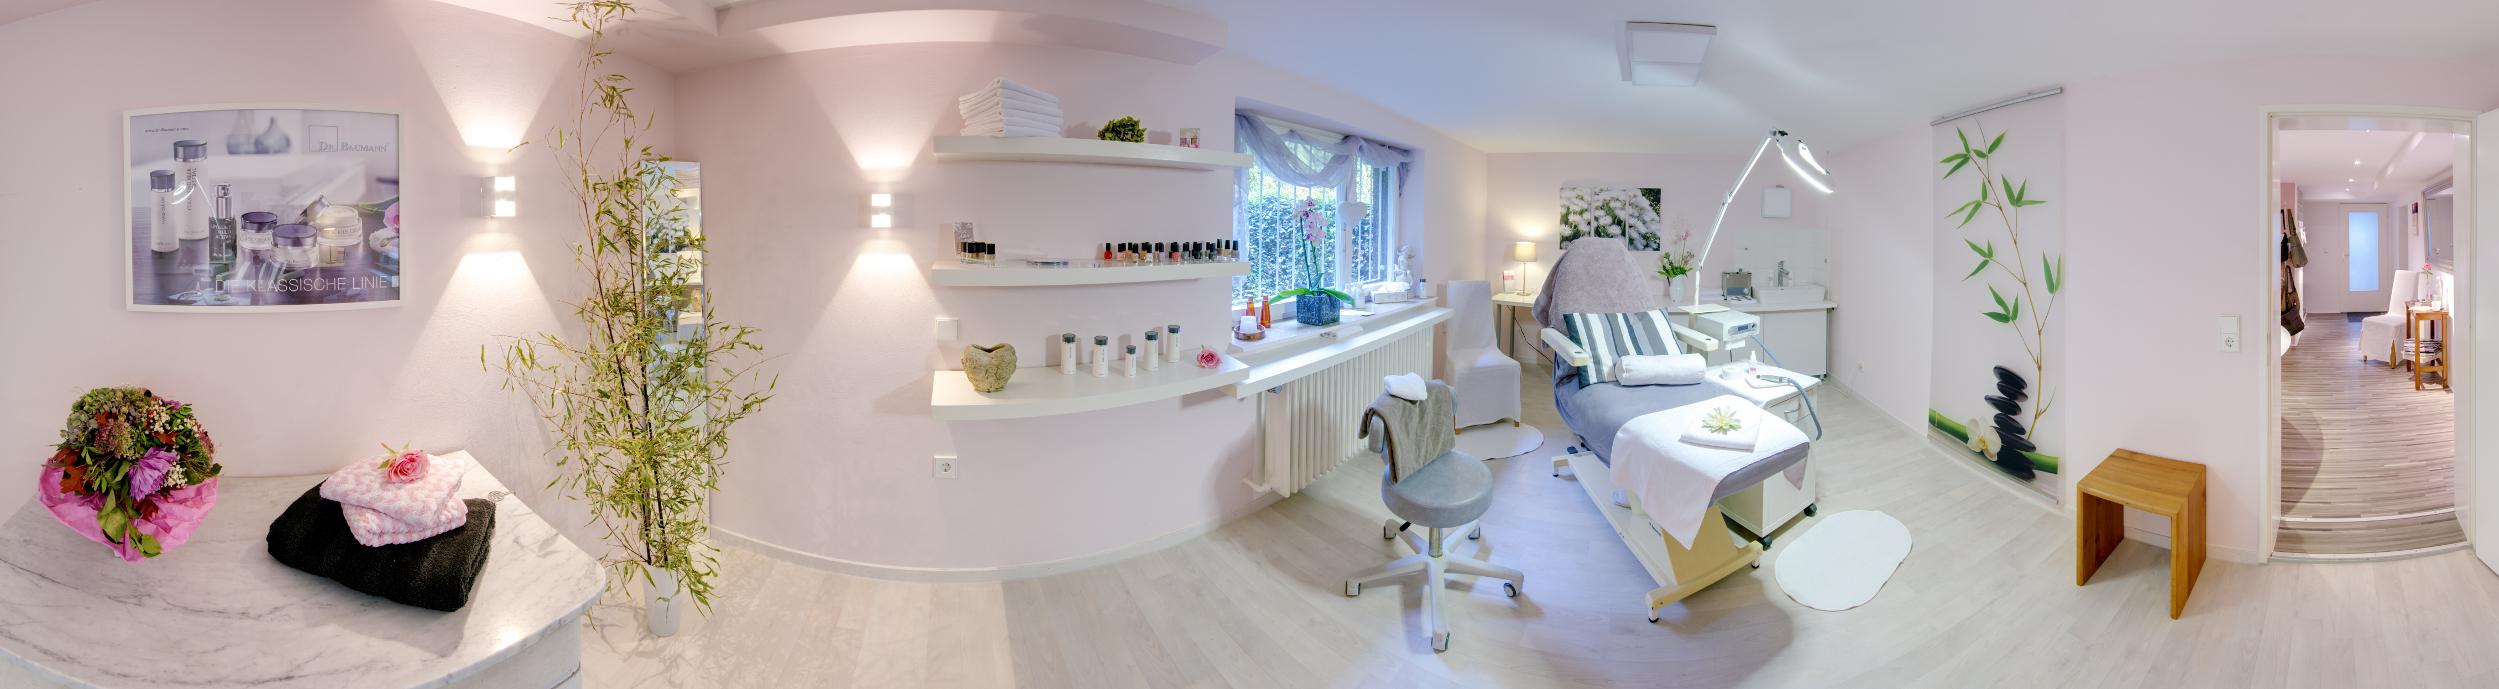 Behandlungsraum im Kosmetikstudio Freiburg